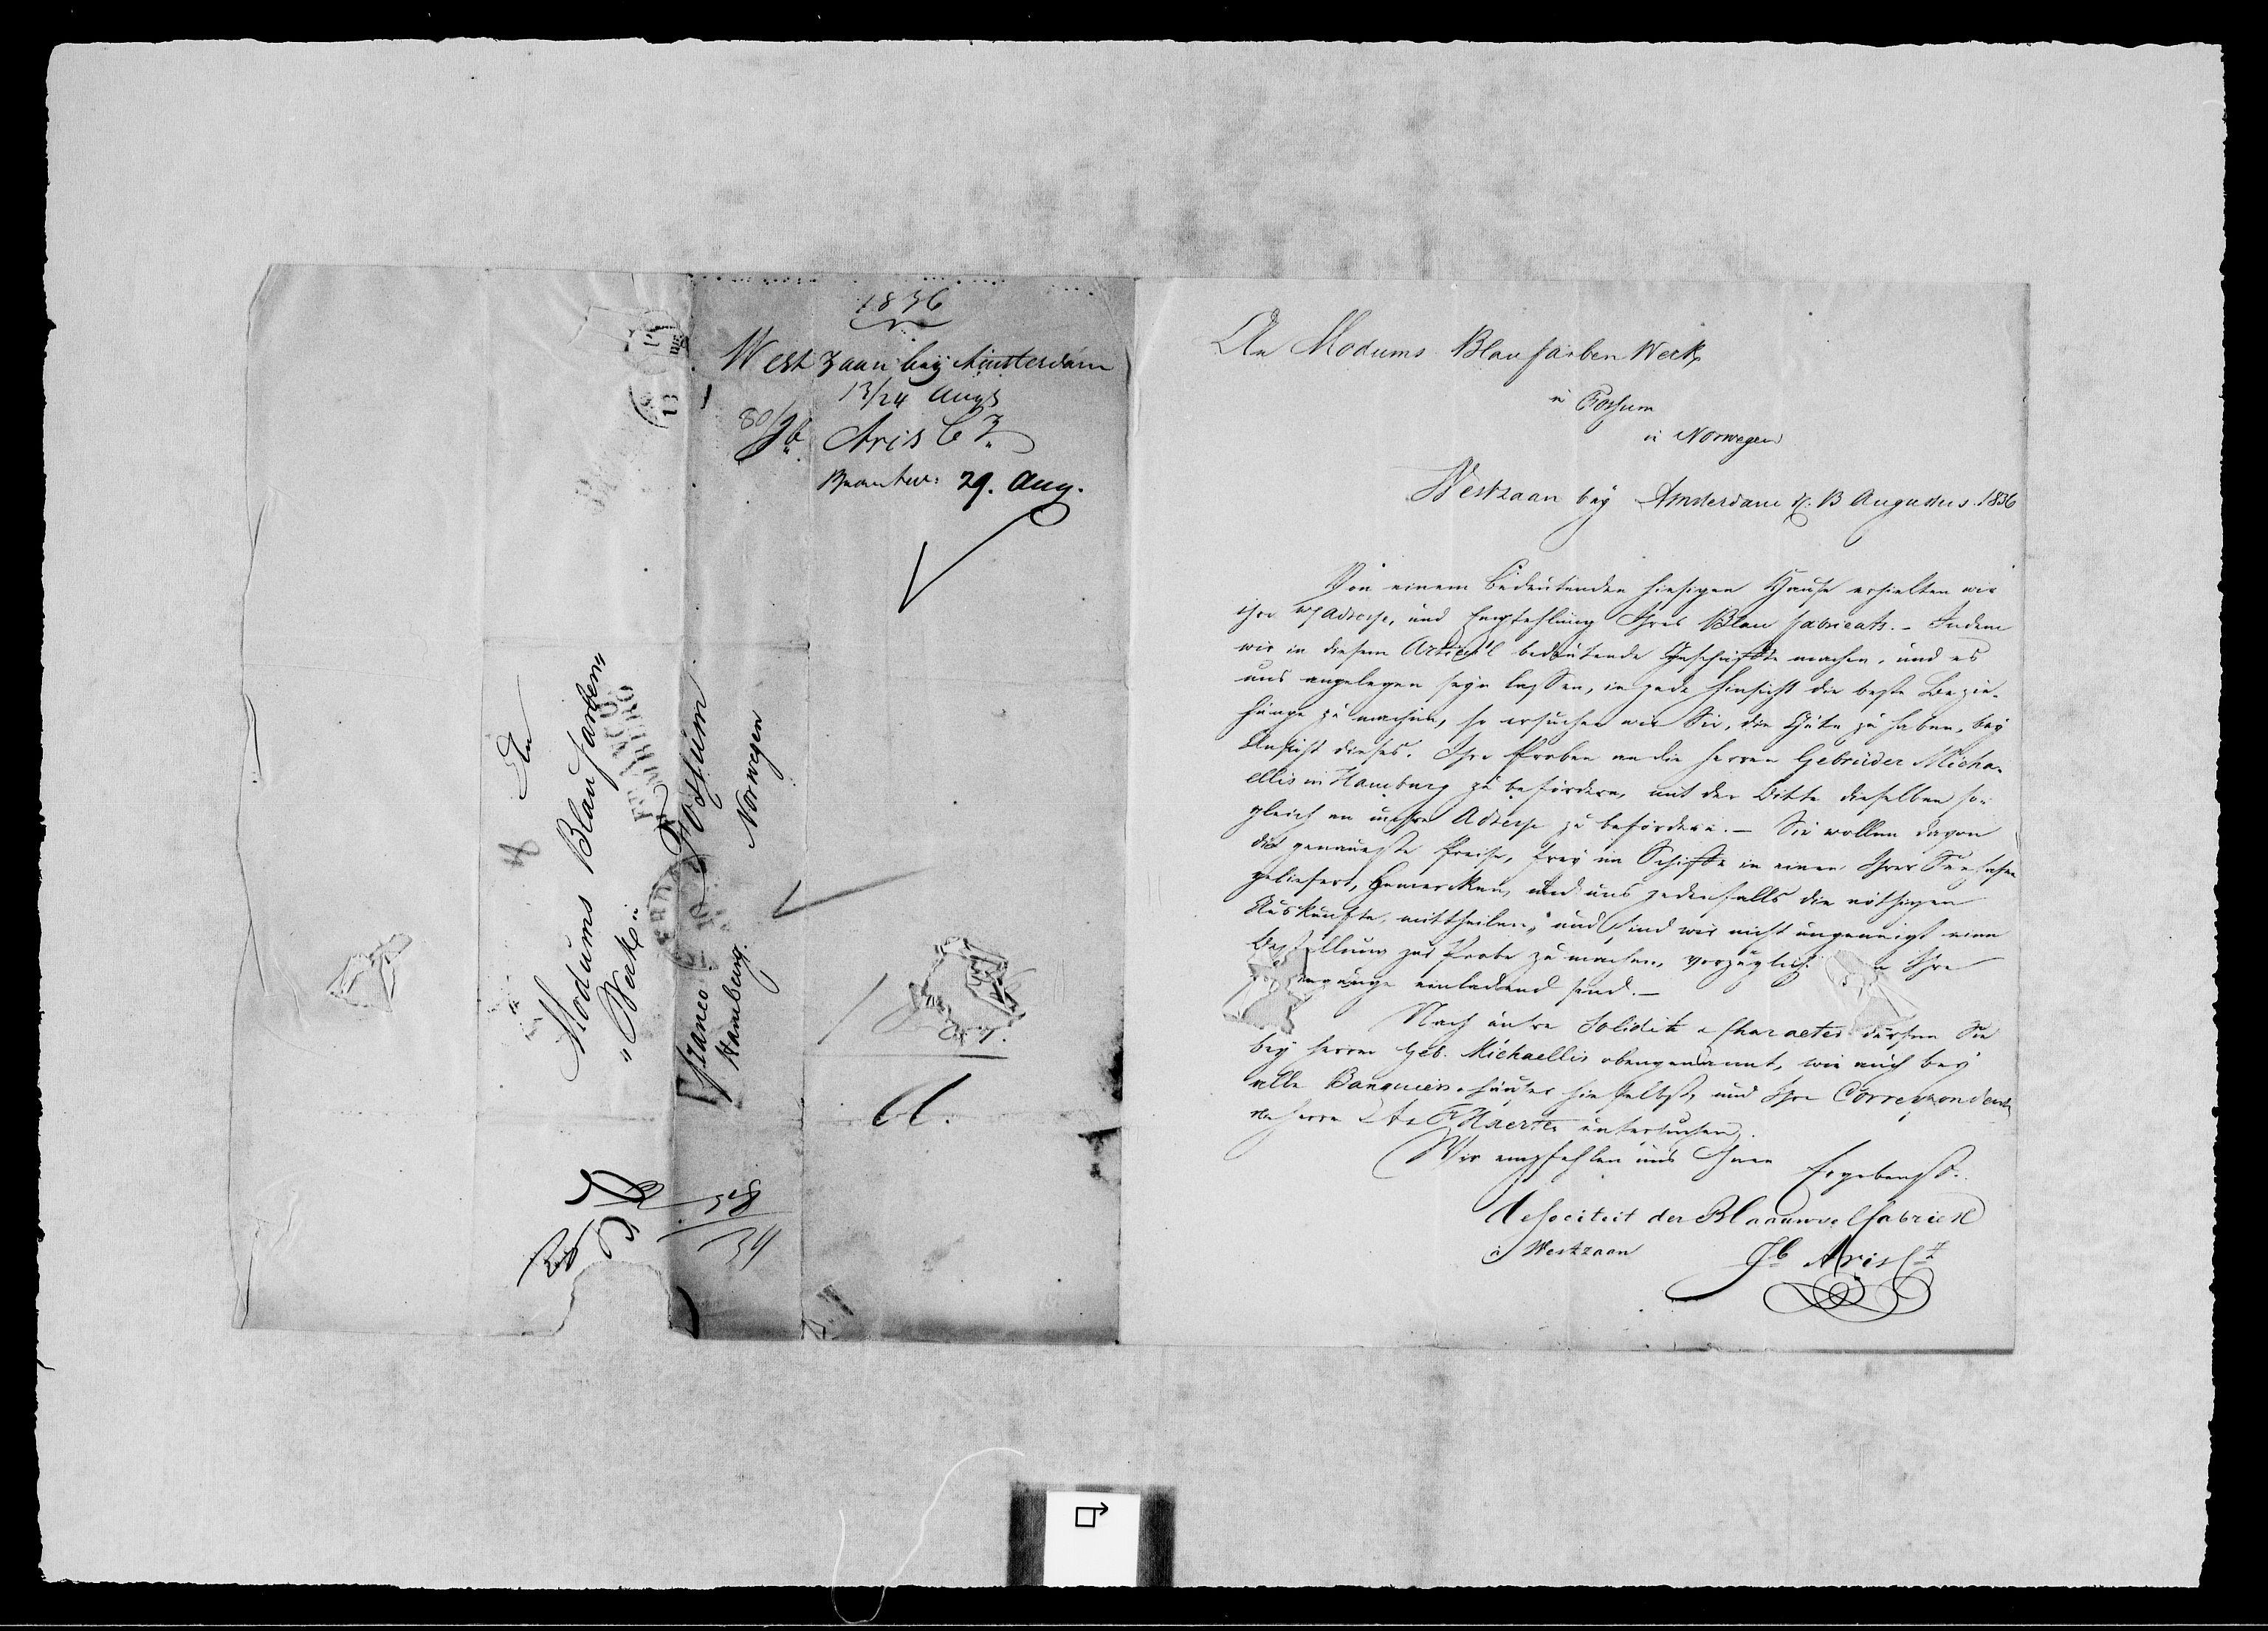 RA, Modums Blaafarveværk, G/Gb/L0117, 1836-1837, s. 2